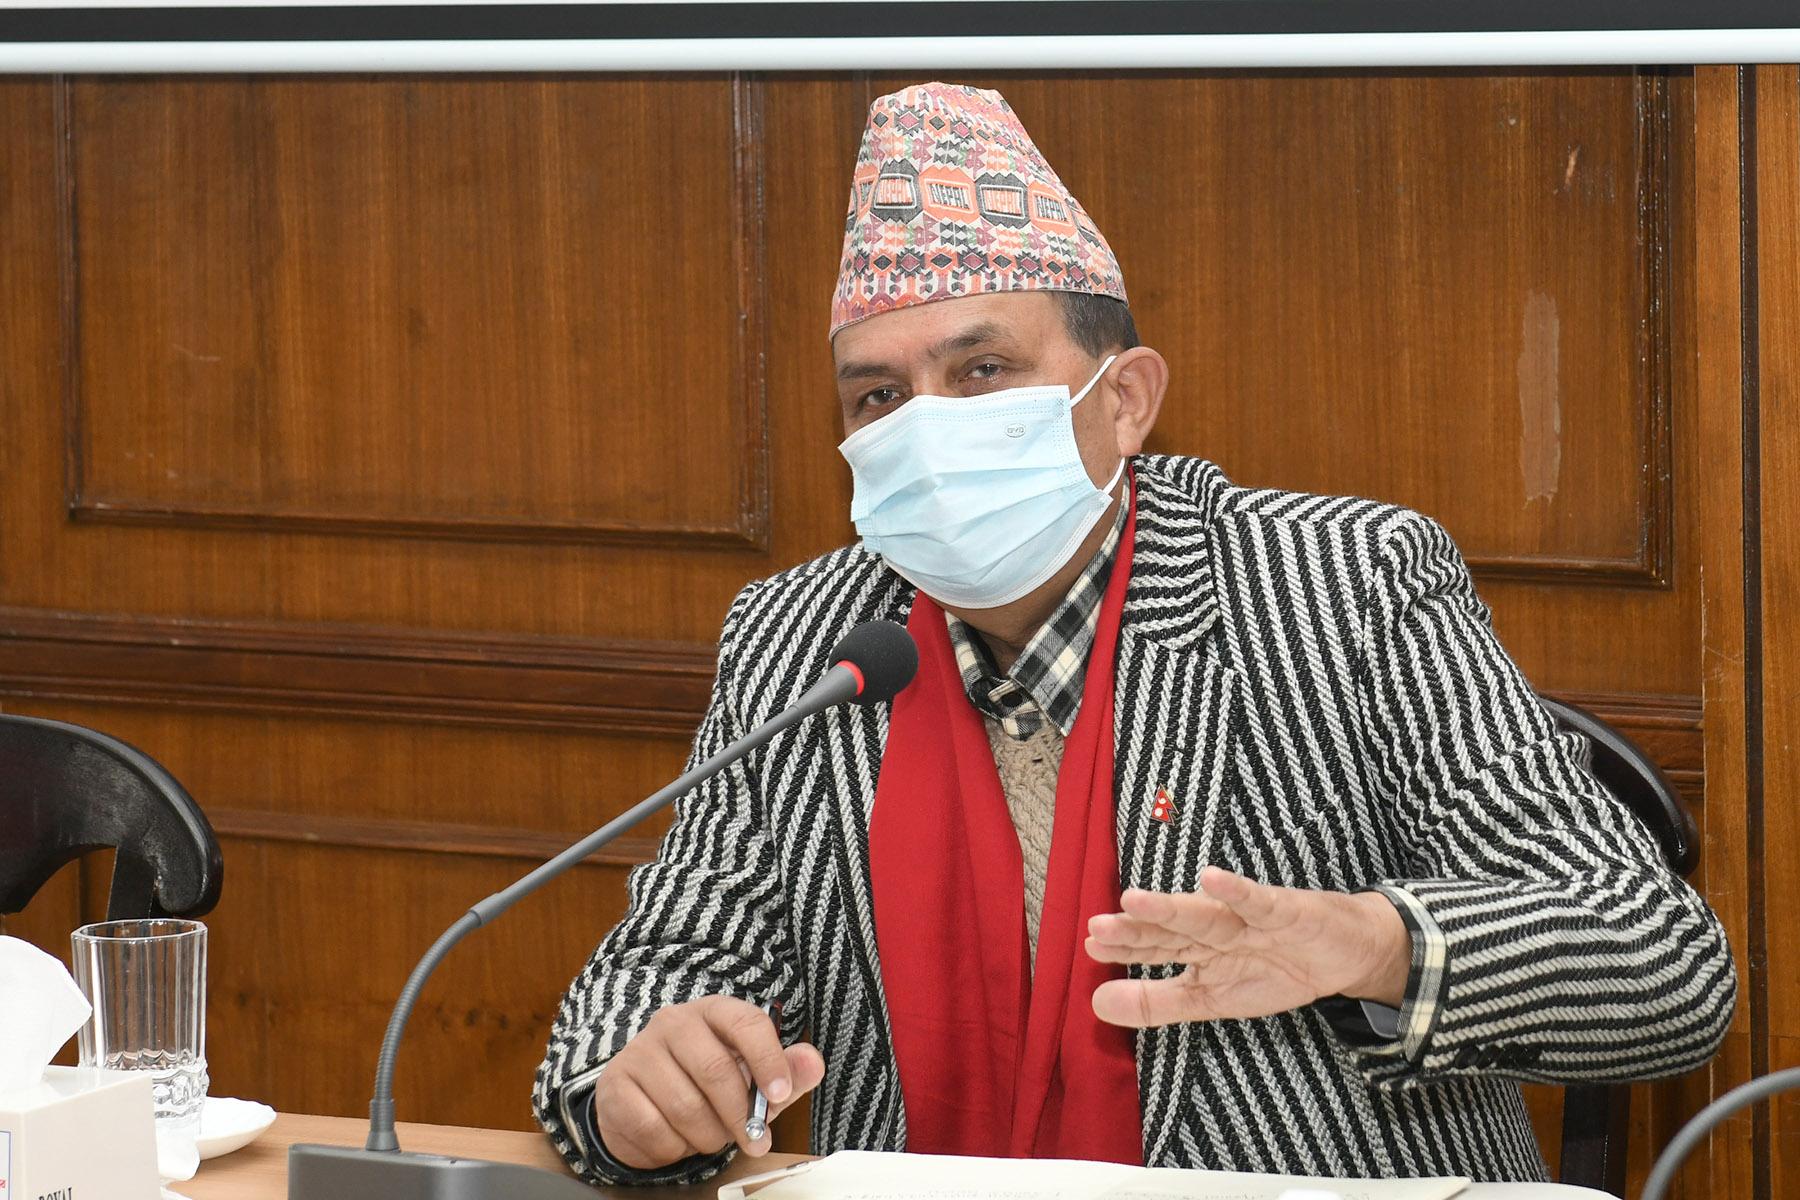 माननीय मन्त्री भानु भक्त ढकालज्यू समक्ष पर्यटन विभाग एवम् नेपाल पर्यटन बोर्डबाट भएको प्रस्तुतीकरण कार्यक्रमका तस्वीर-(२०७७-०९-१४)